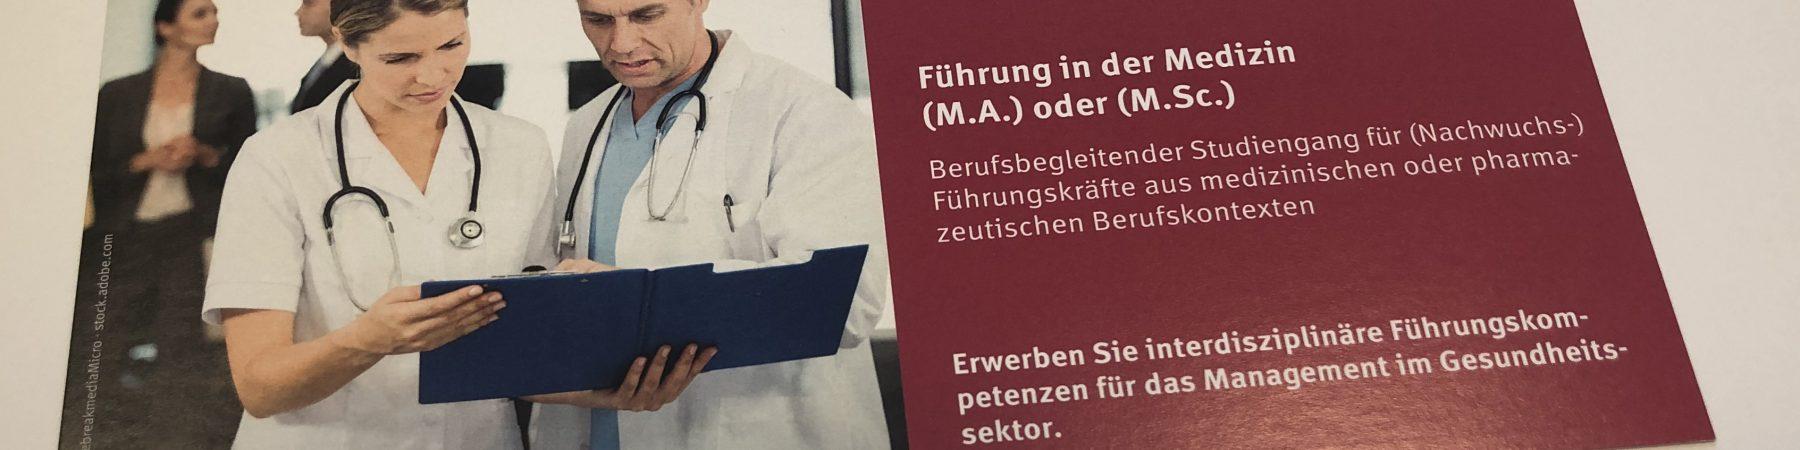 weiterbildender Master-Studiengang Führung in der Medizin am Zentrum für Wissenschaftliche Weiterbildung (ZWW) der Helmut-Schmidt-Universität (HSU / UniBw H)